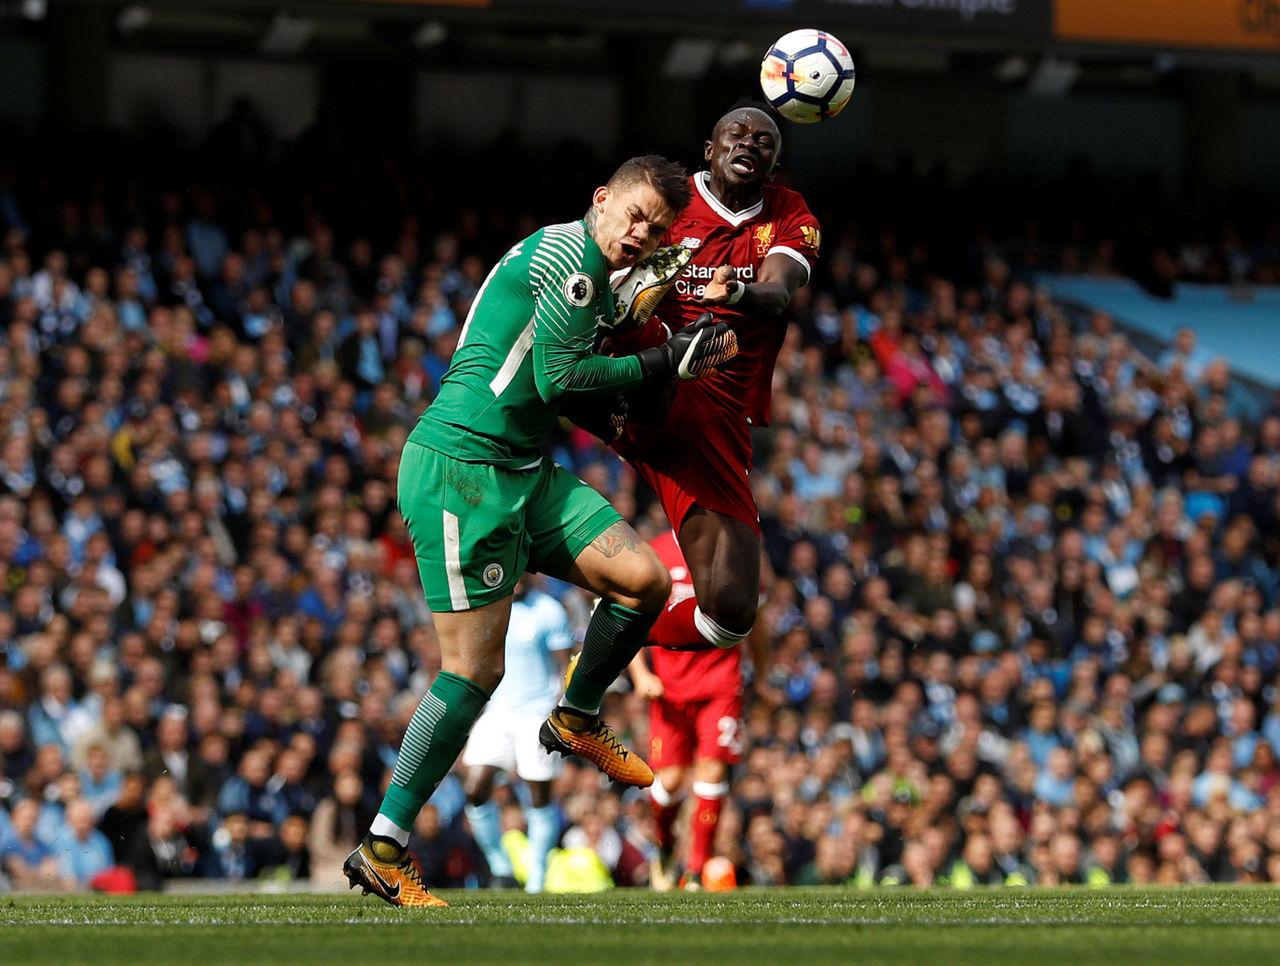 CẬN CẢNH pha ra chân thô bạo của Mane khiến thủ môn Ederson bất tỉnh - Bóng Đá